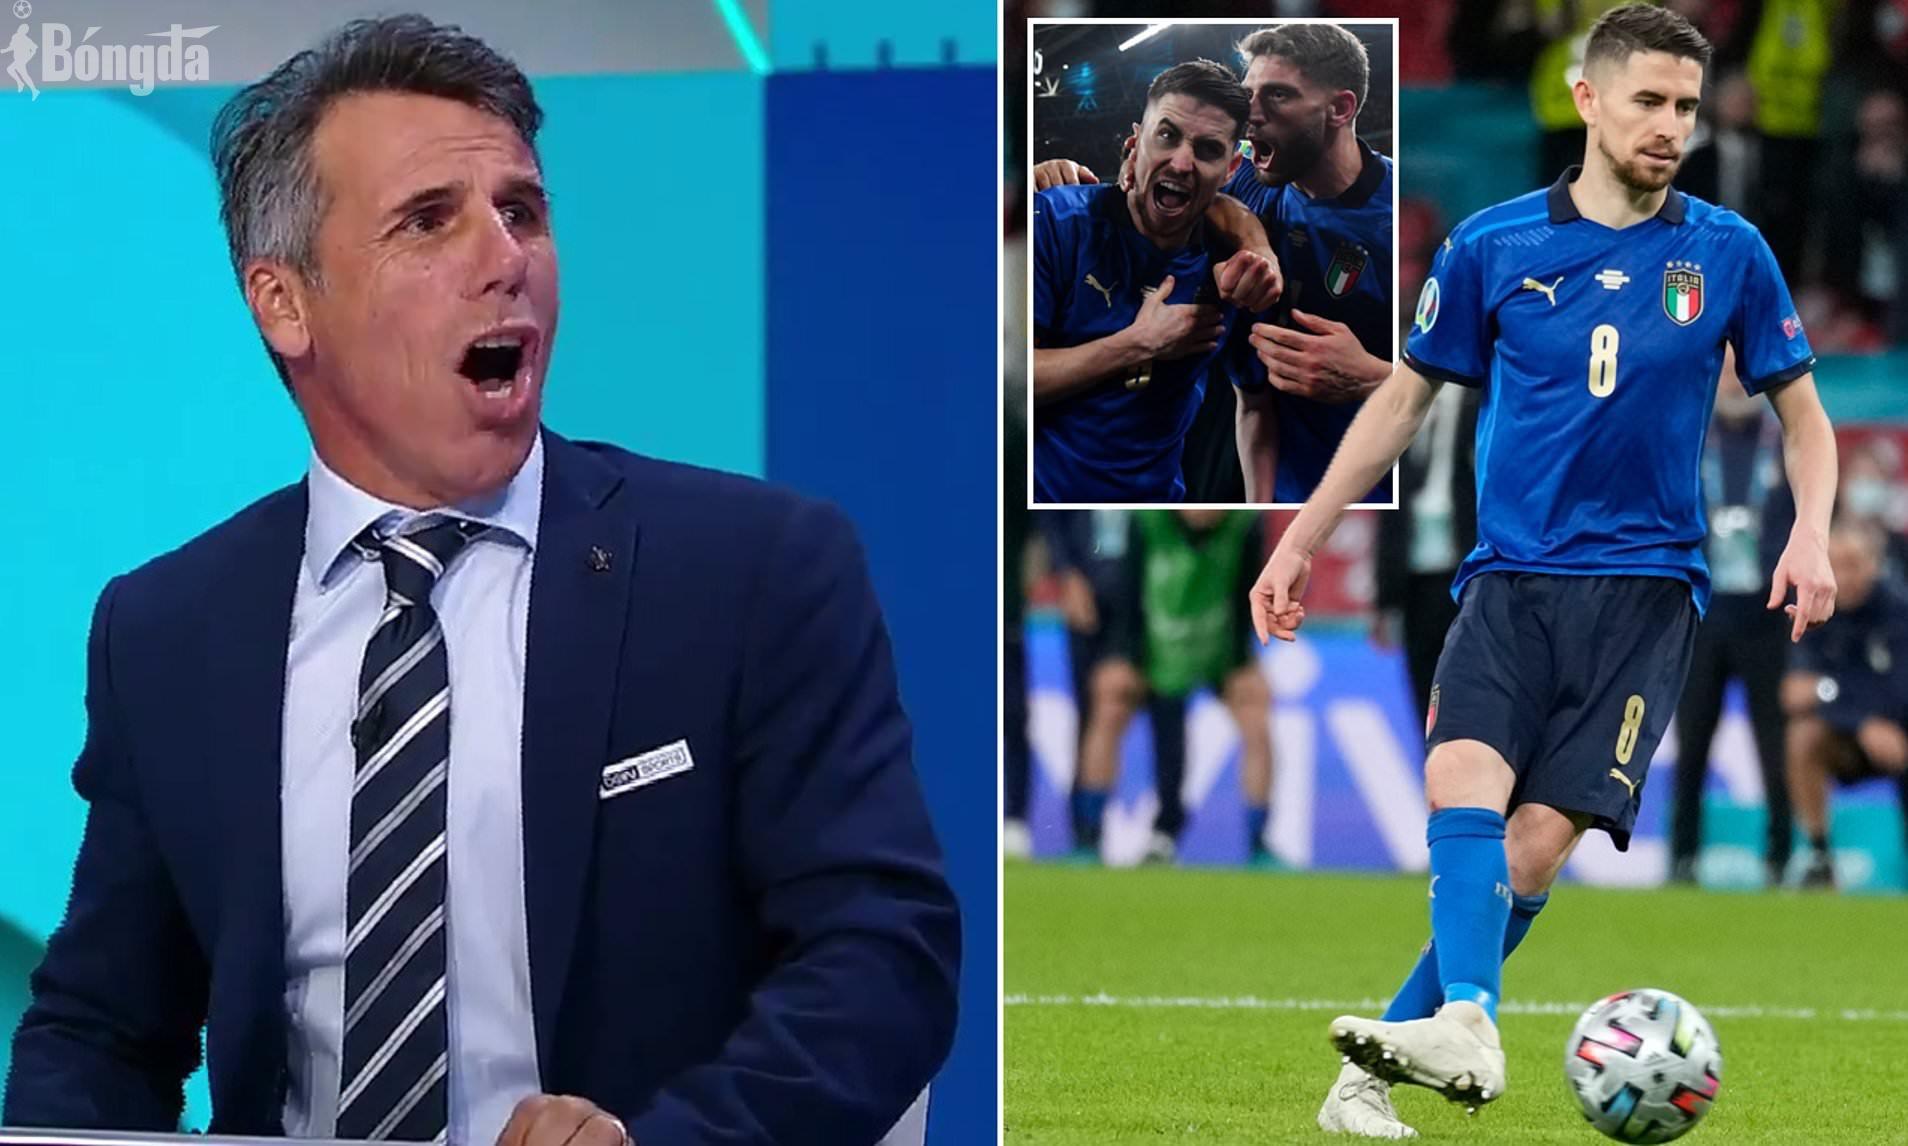 Huyền thoại Chelsea, Gianfranco Zola ăn mừng tuyển Ý chiến thắng